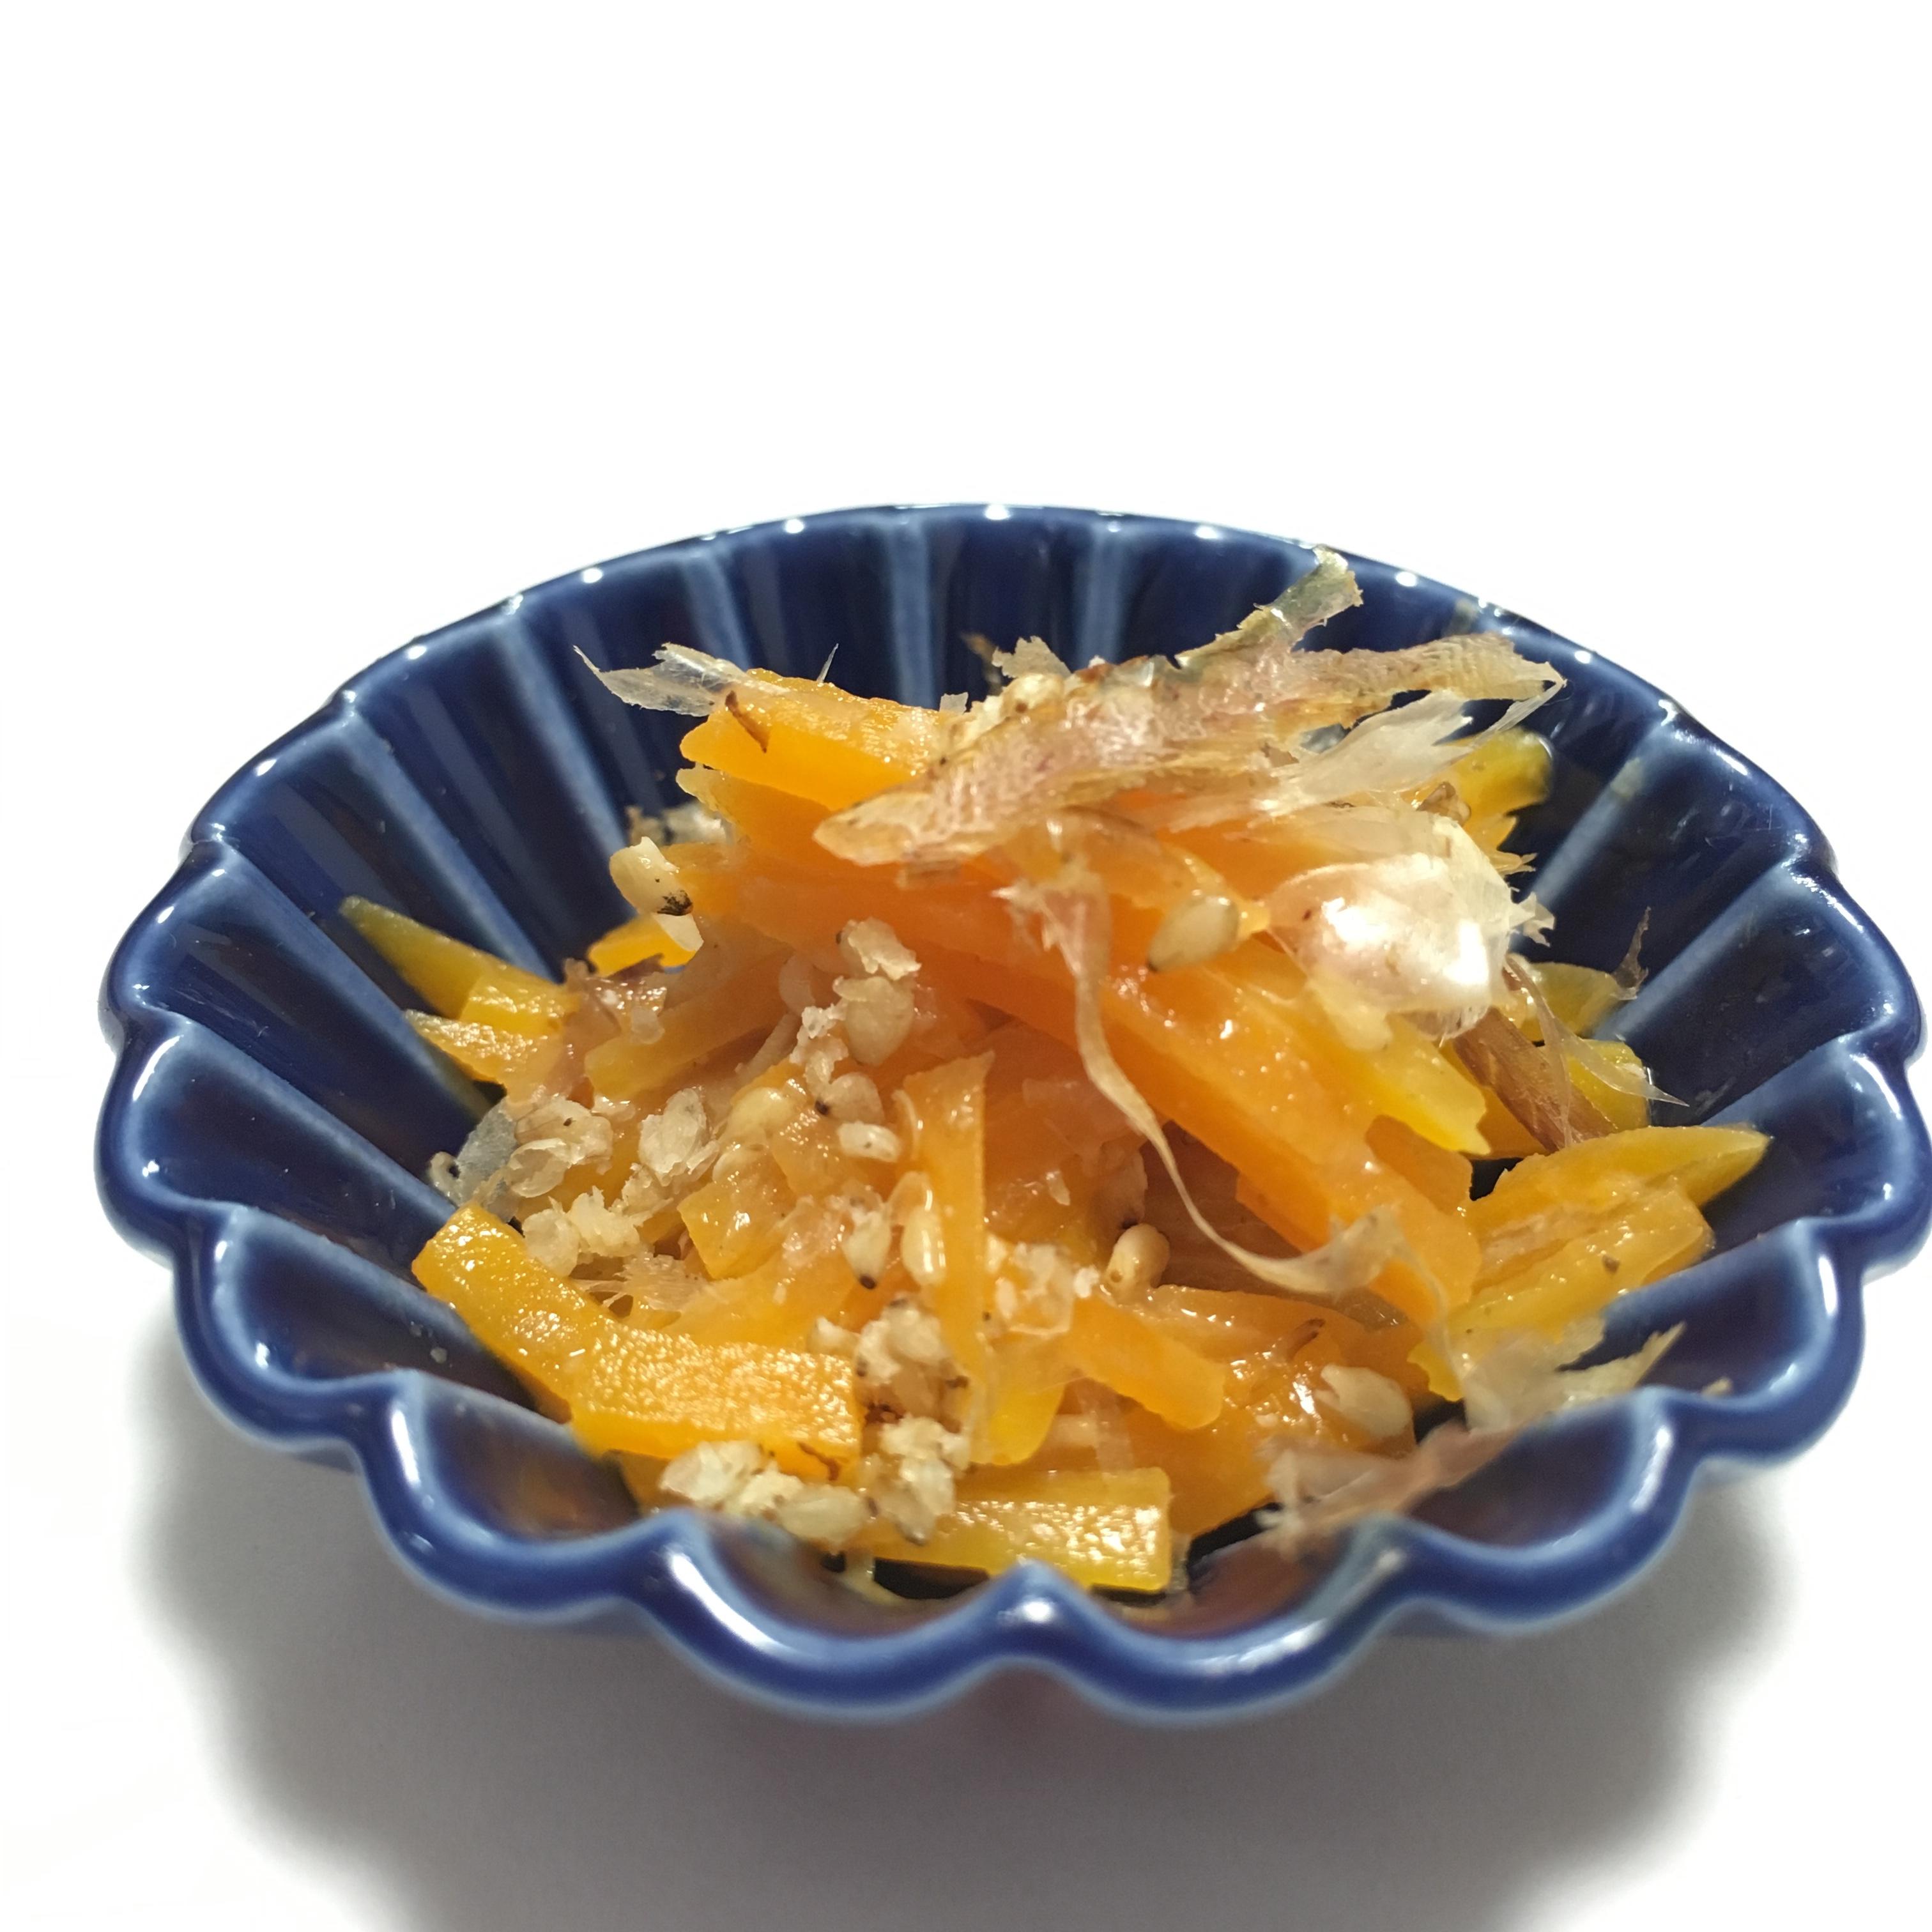 【離乳食後期】にんじんのおかかマヨサラダ